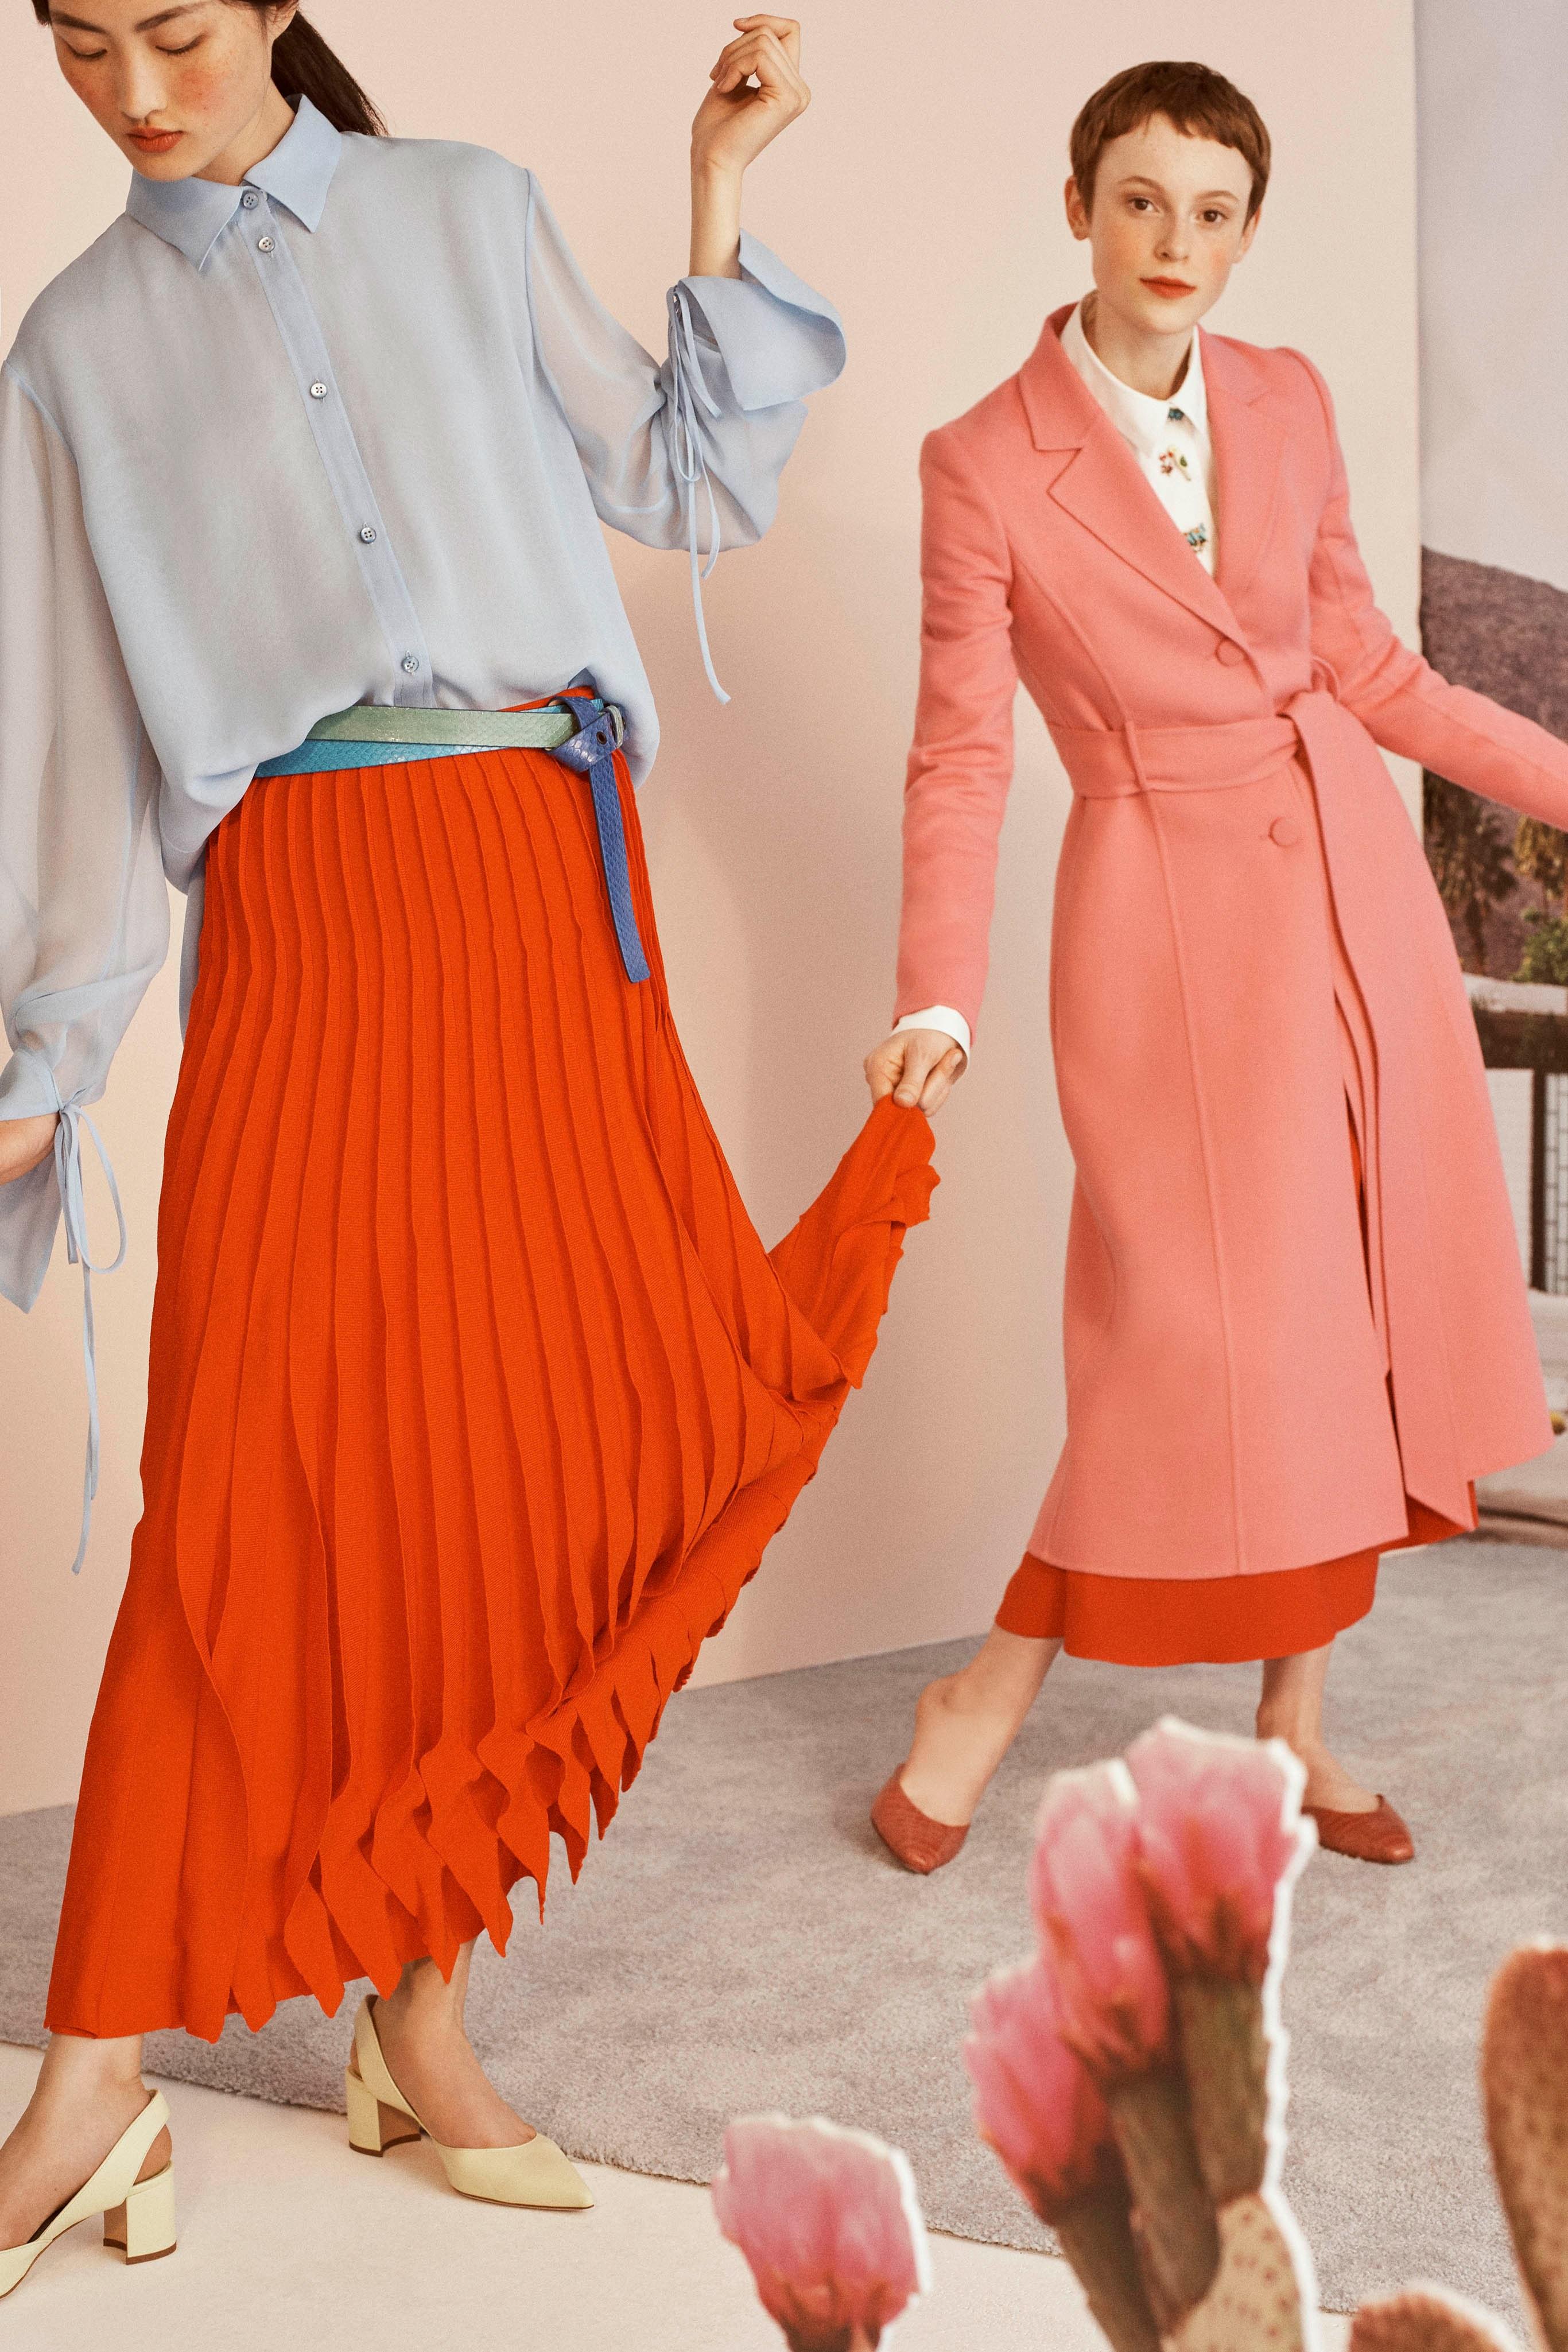 Trend Alert: Pleated Skirt Spring 2019